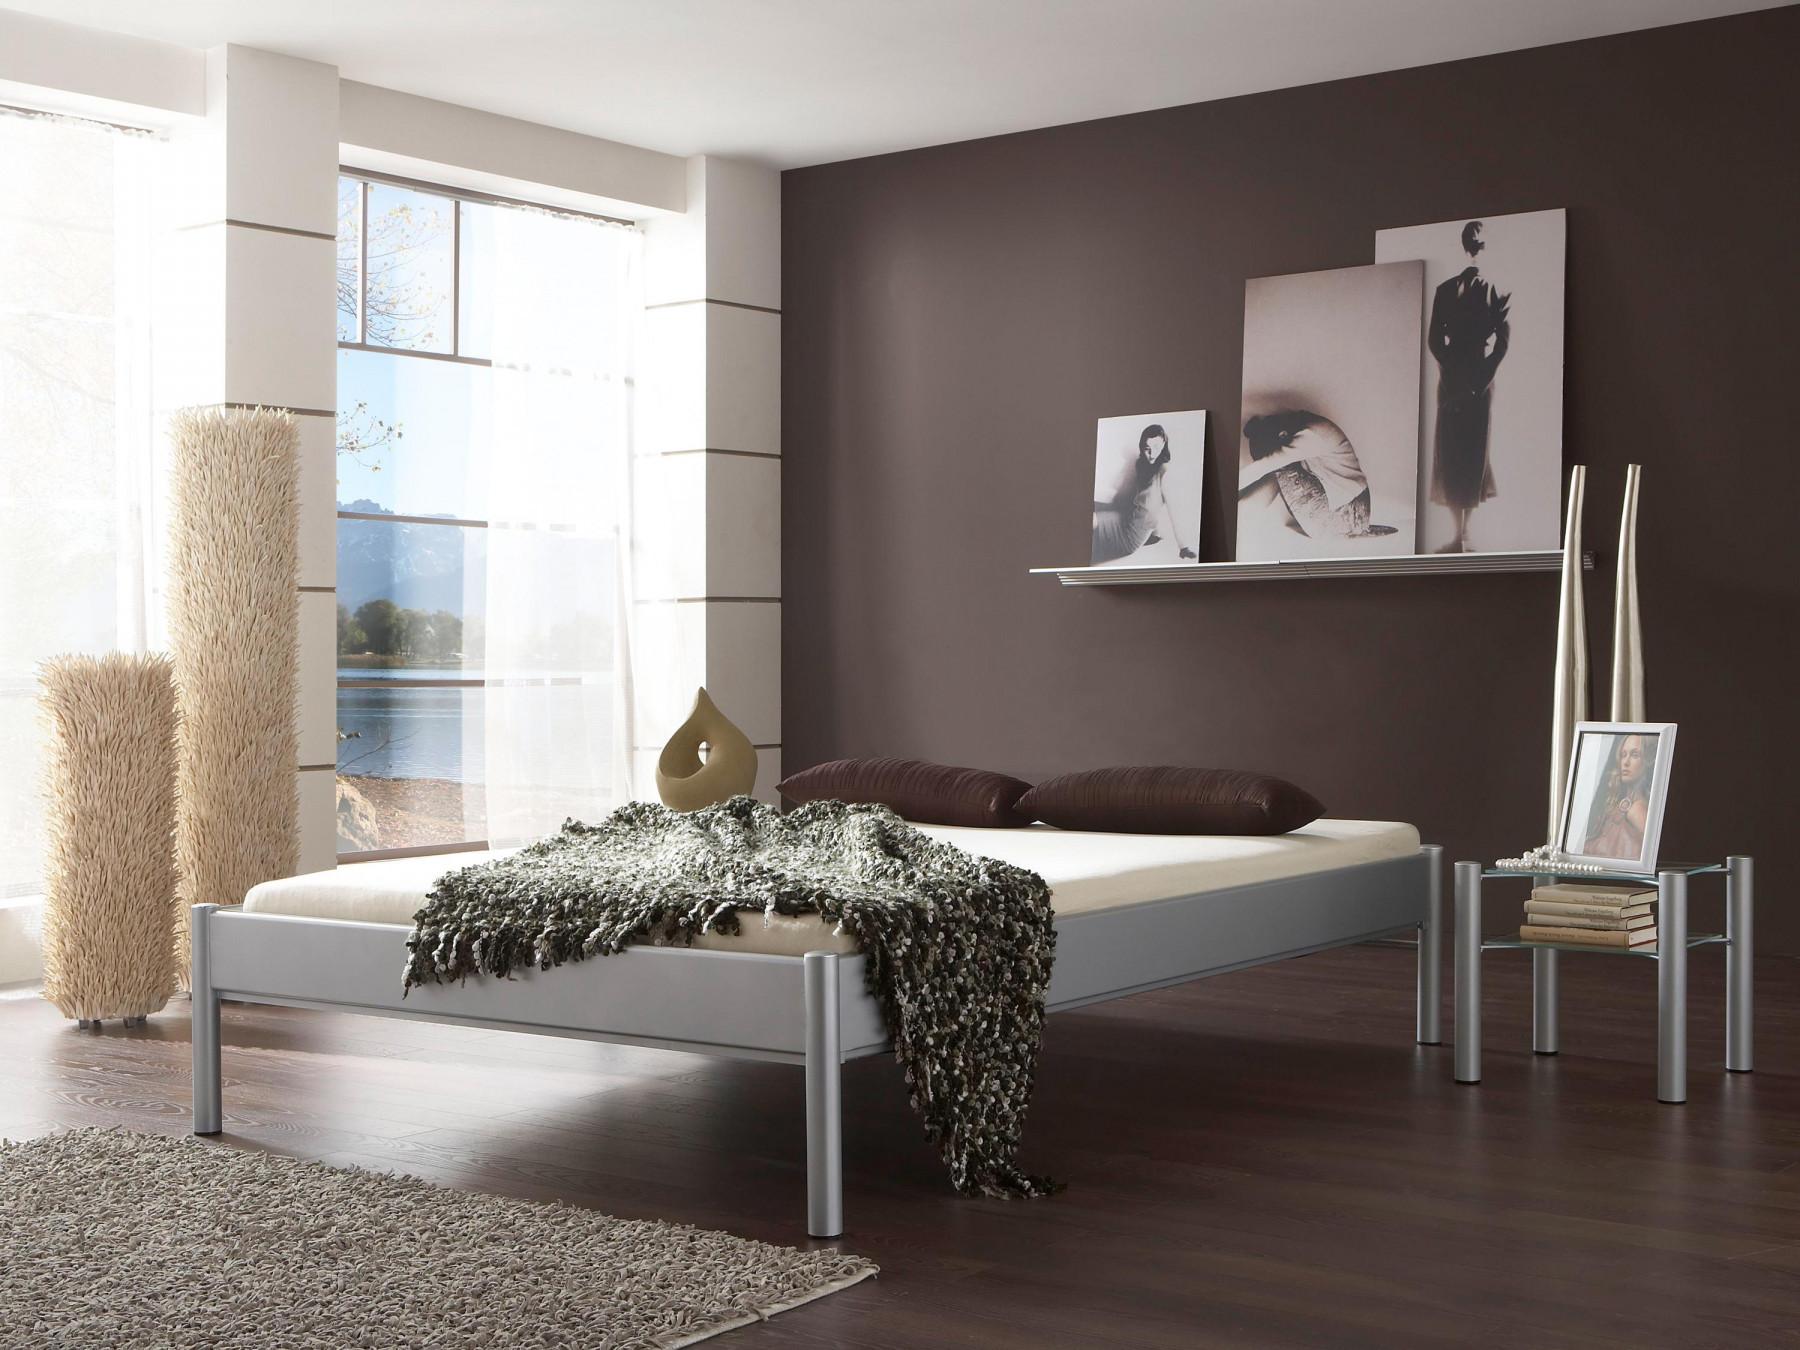 Full Size of Metallbett 100x200 Dico Iris Betten Bett Weiß Wohnzimmer Metallbett 100x200